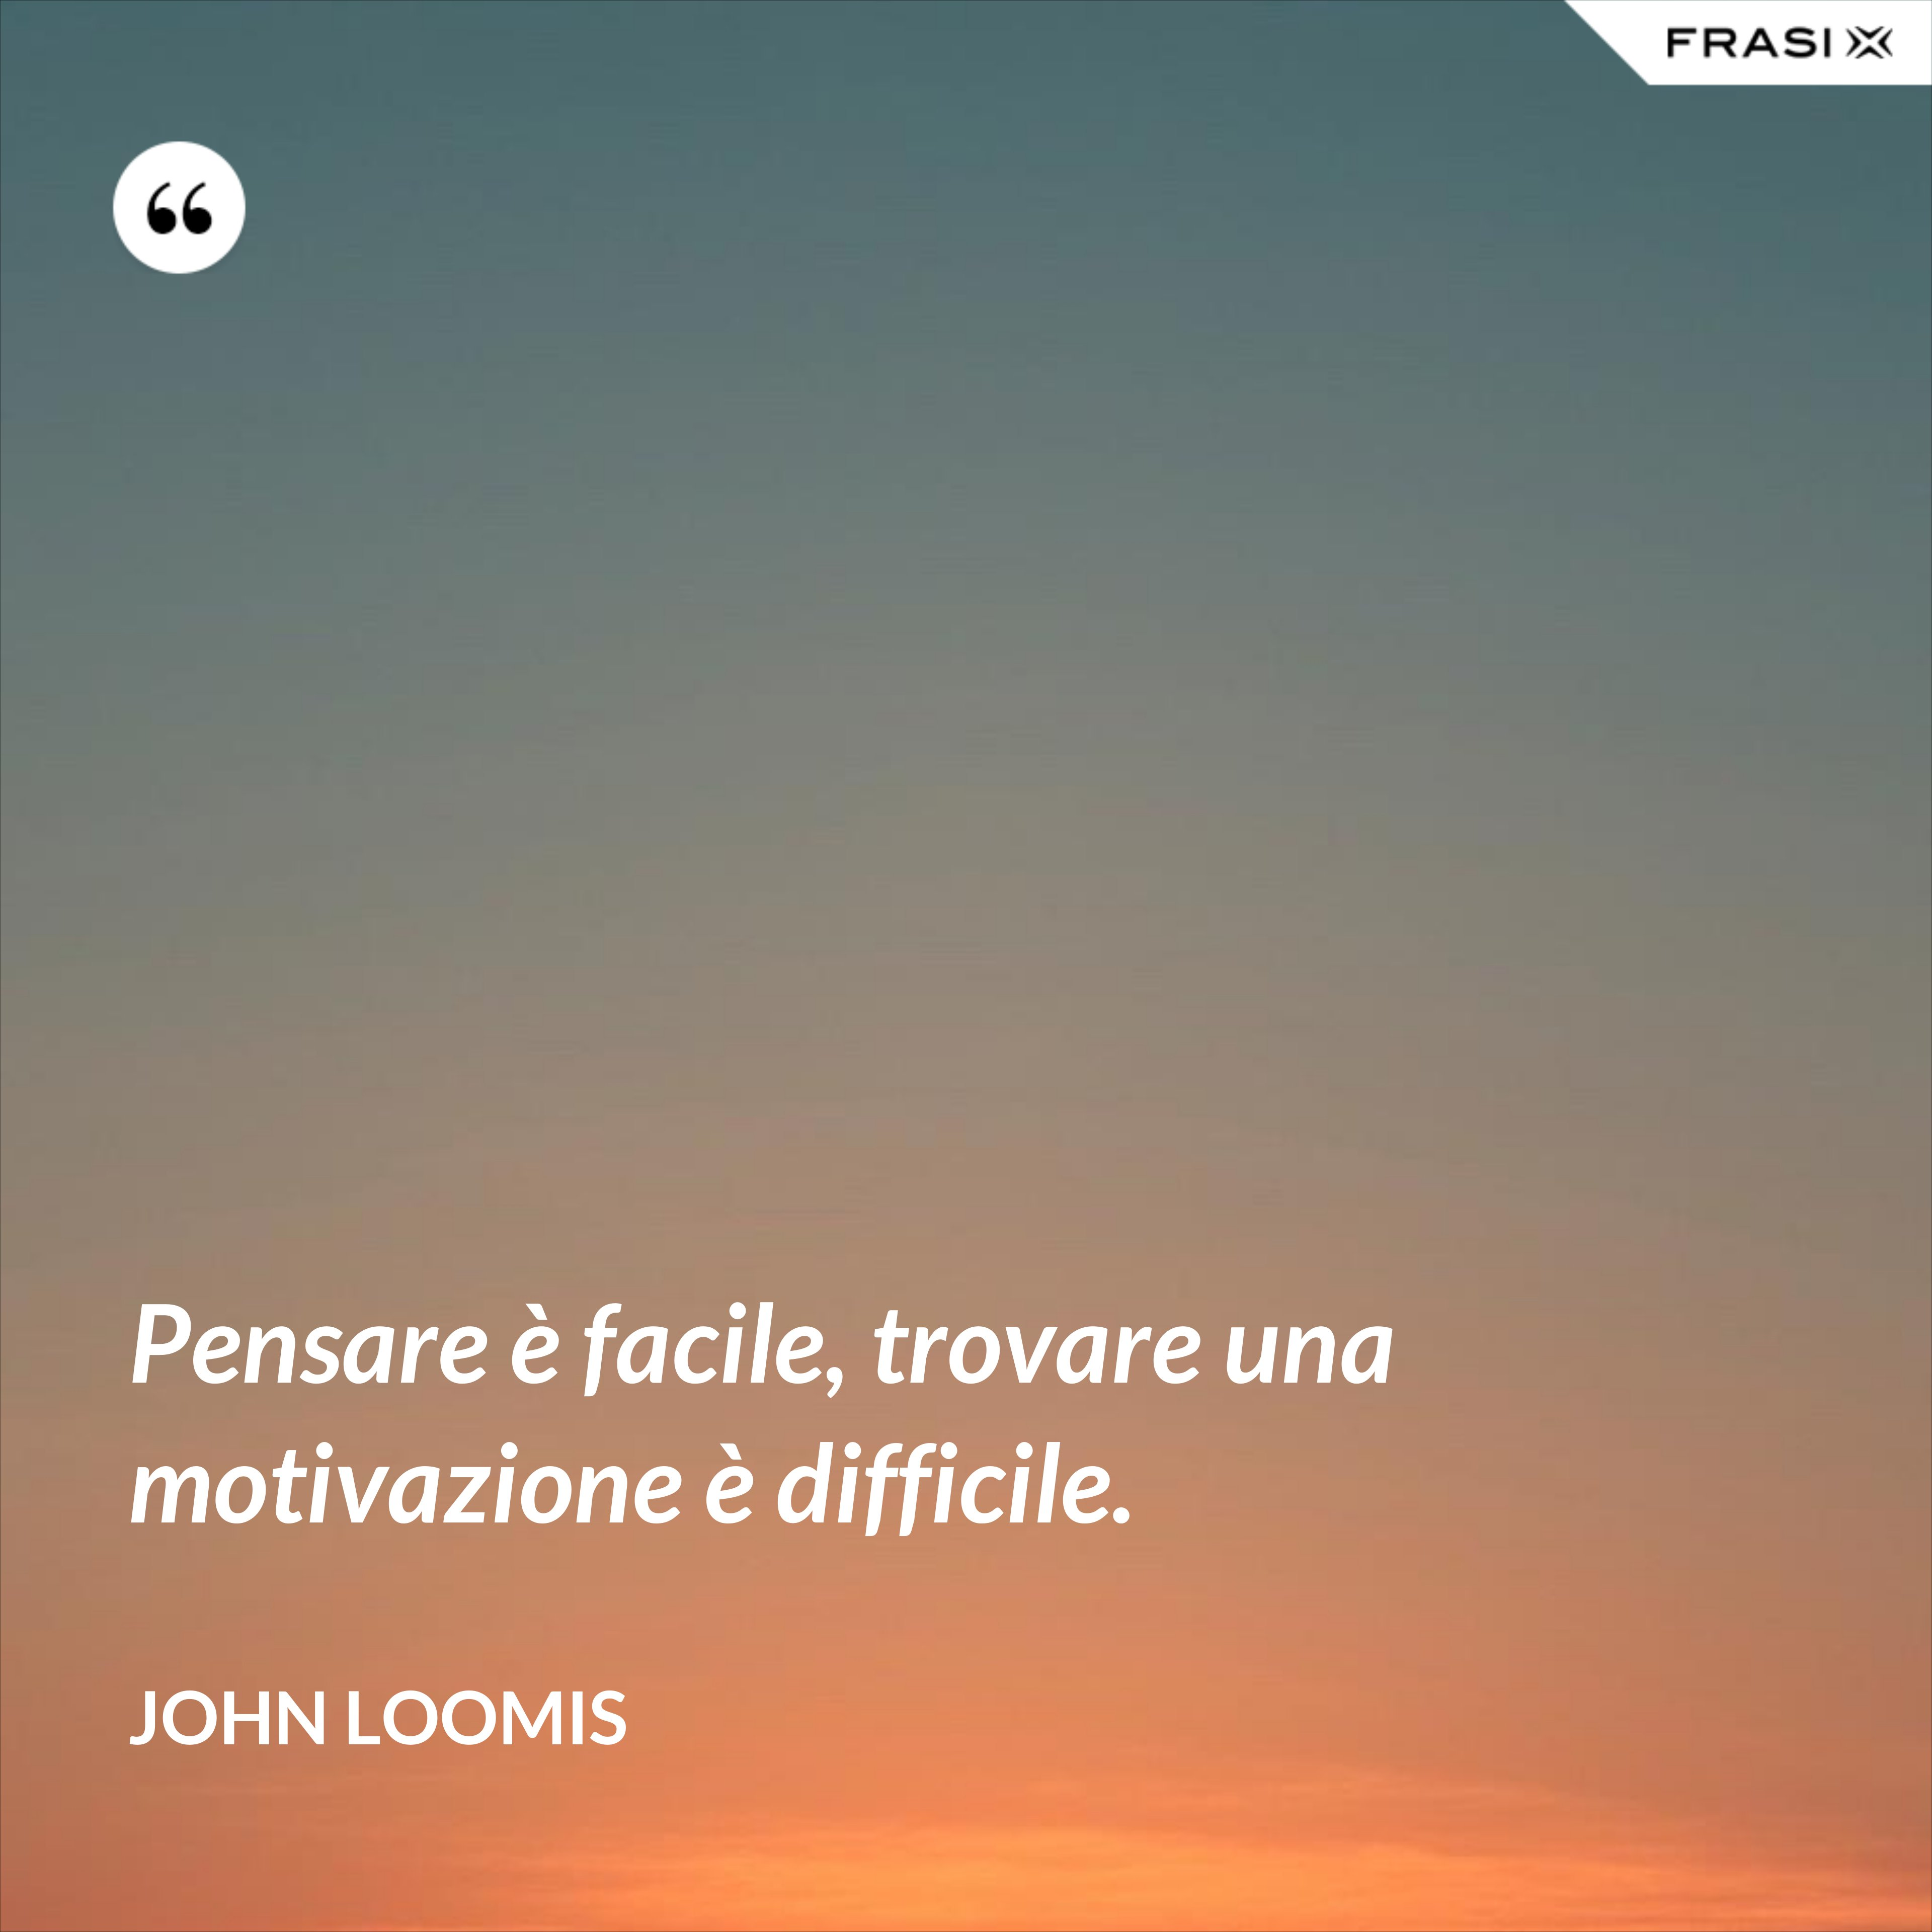 Pensare è facile, trovare una motivazione è difficile. - John Loomis